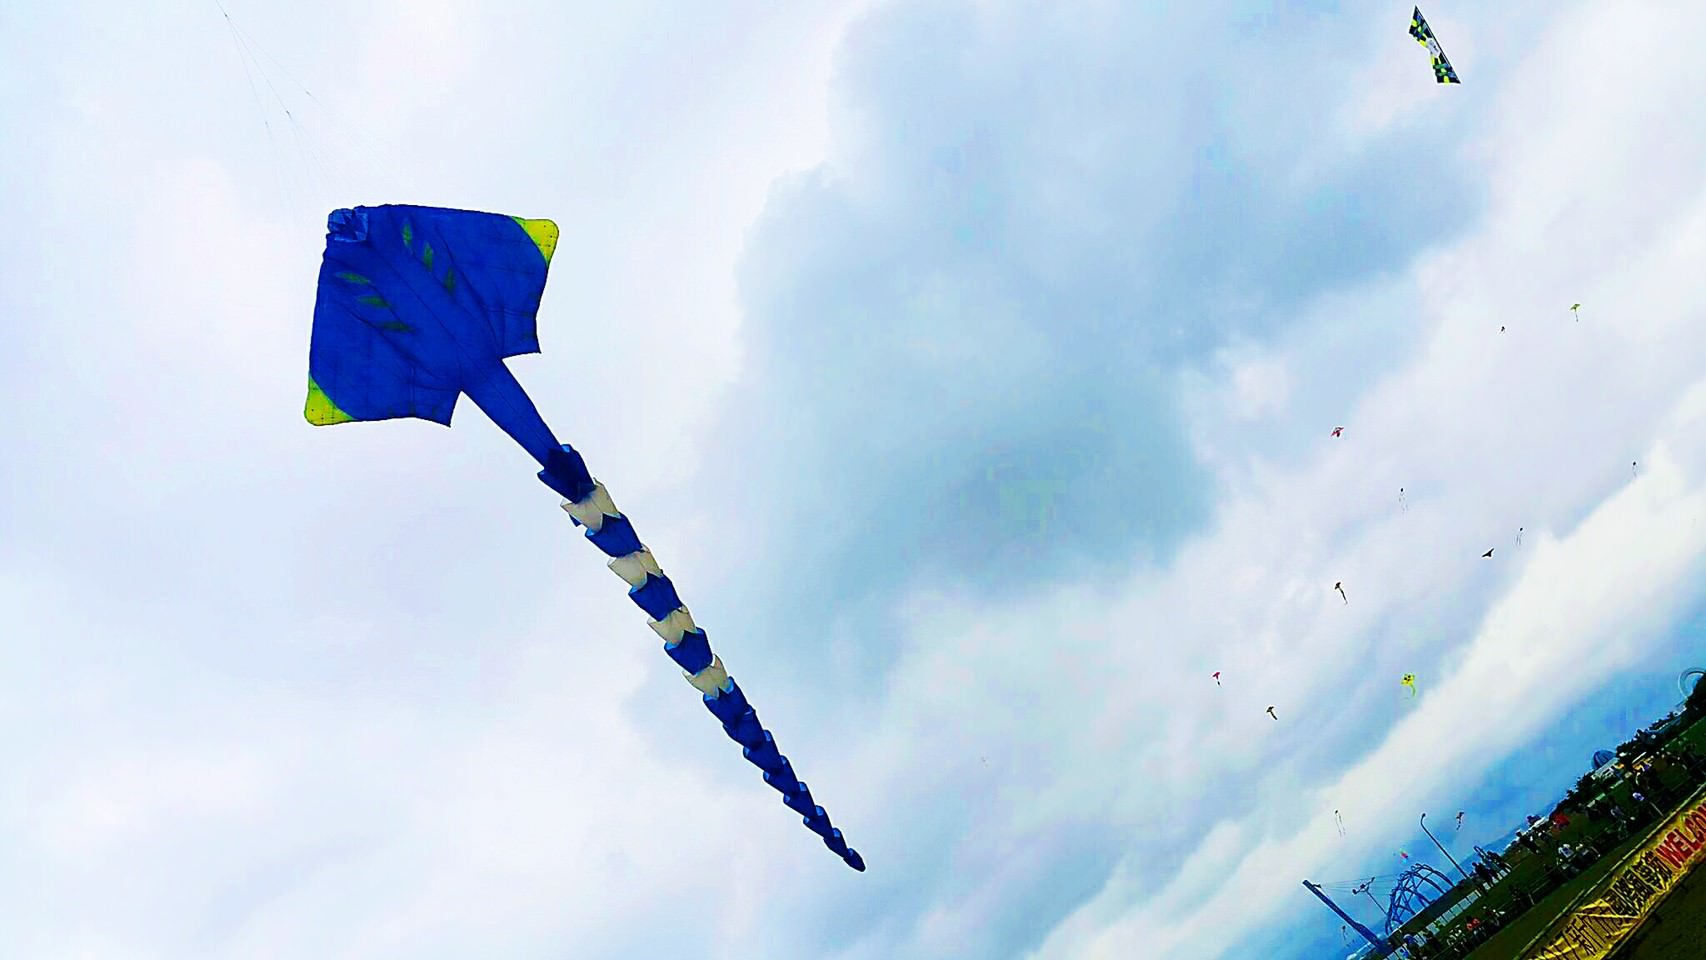 2018新竹國際風箏節即將在新竹漁港登場!喜從天降的糖果風箏!活動節目表、交通接駁車資訊整理